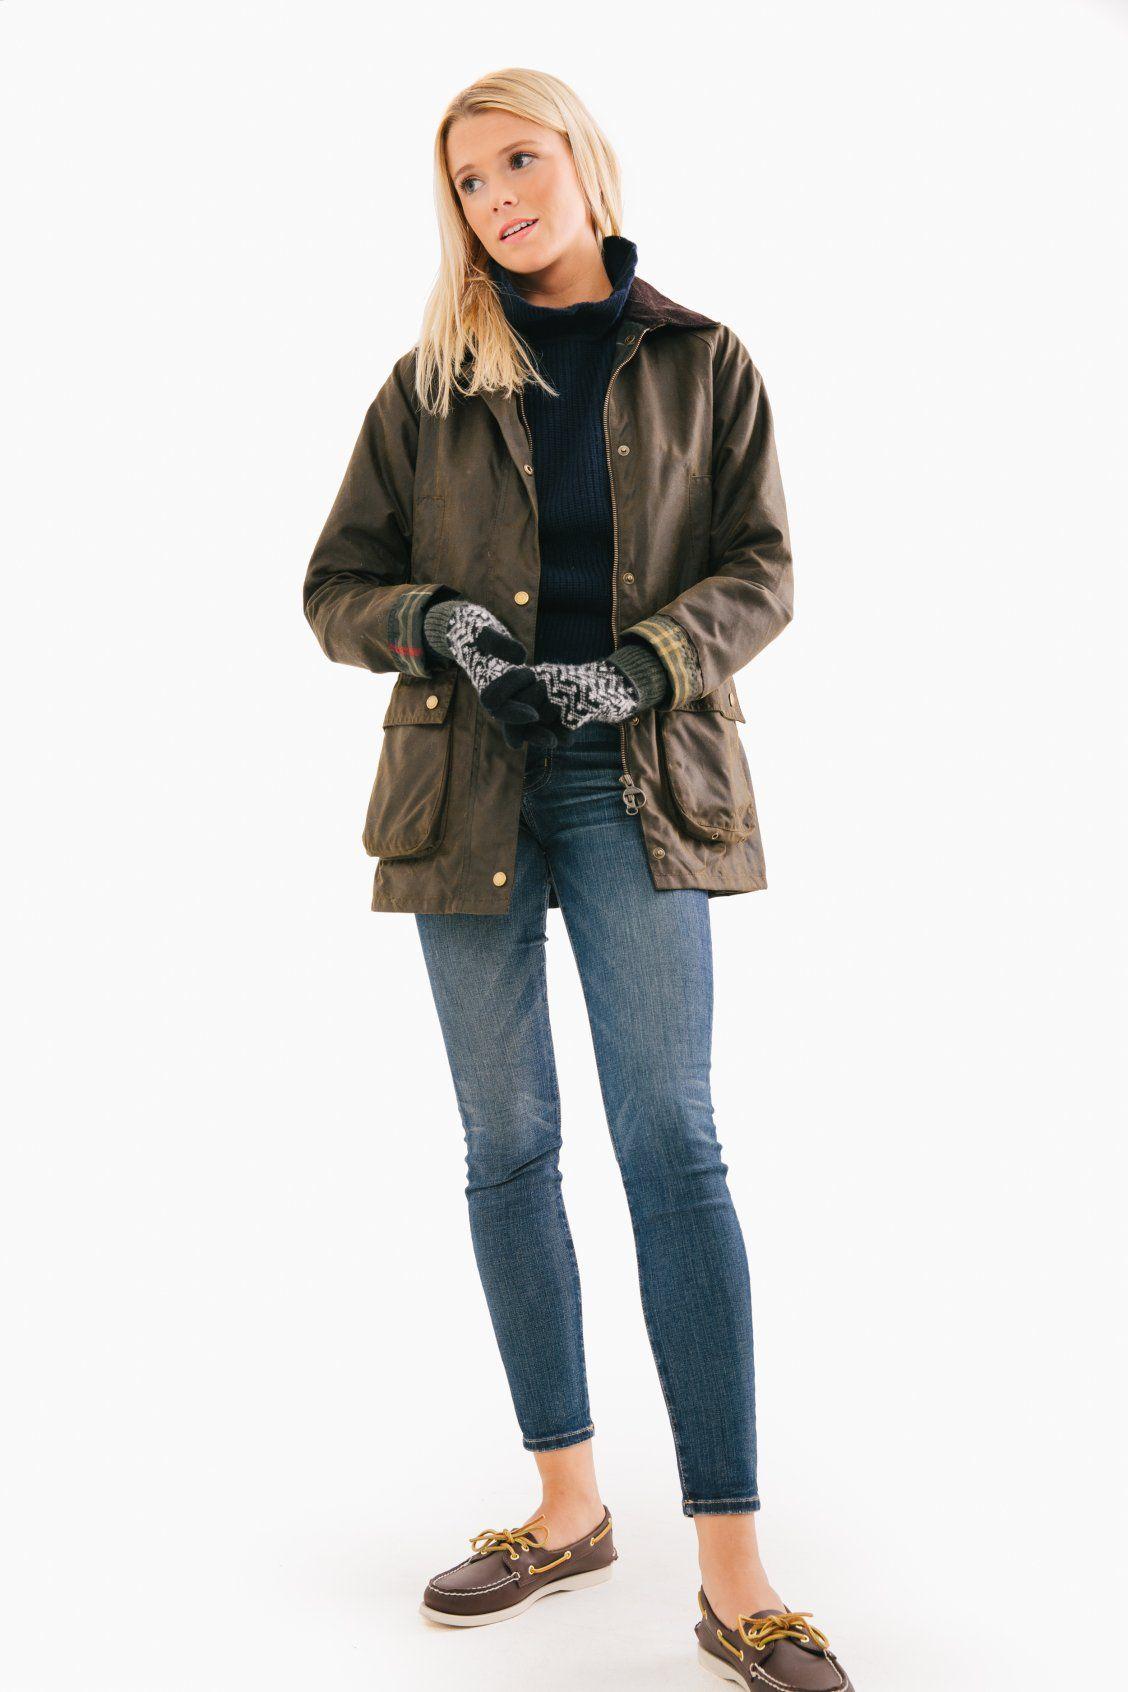 Acorn Wax Jacket The 100 Waxed Cotton Acorn Jacket